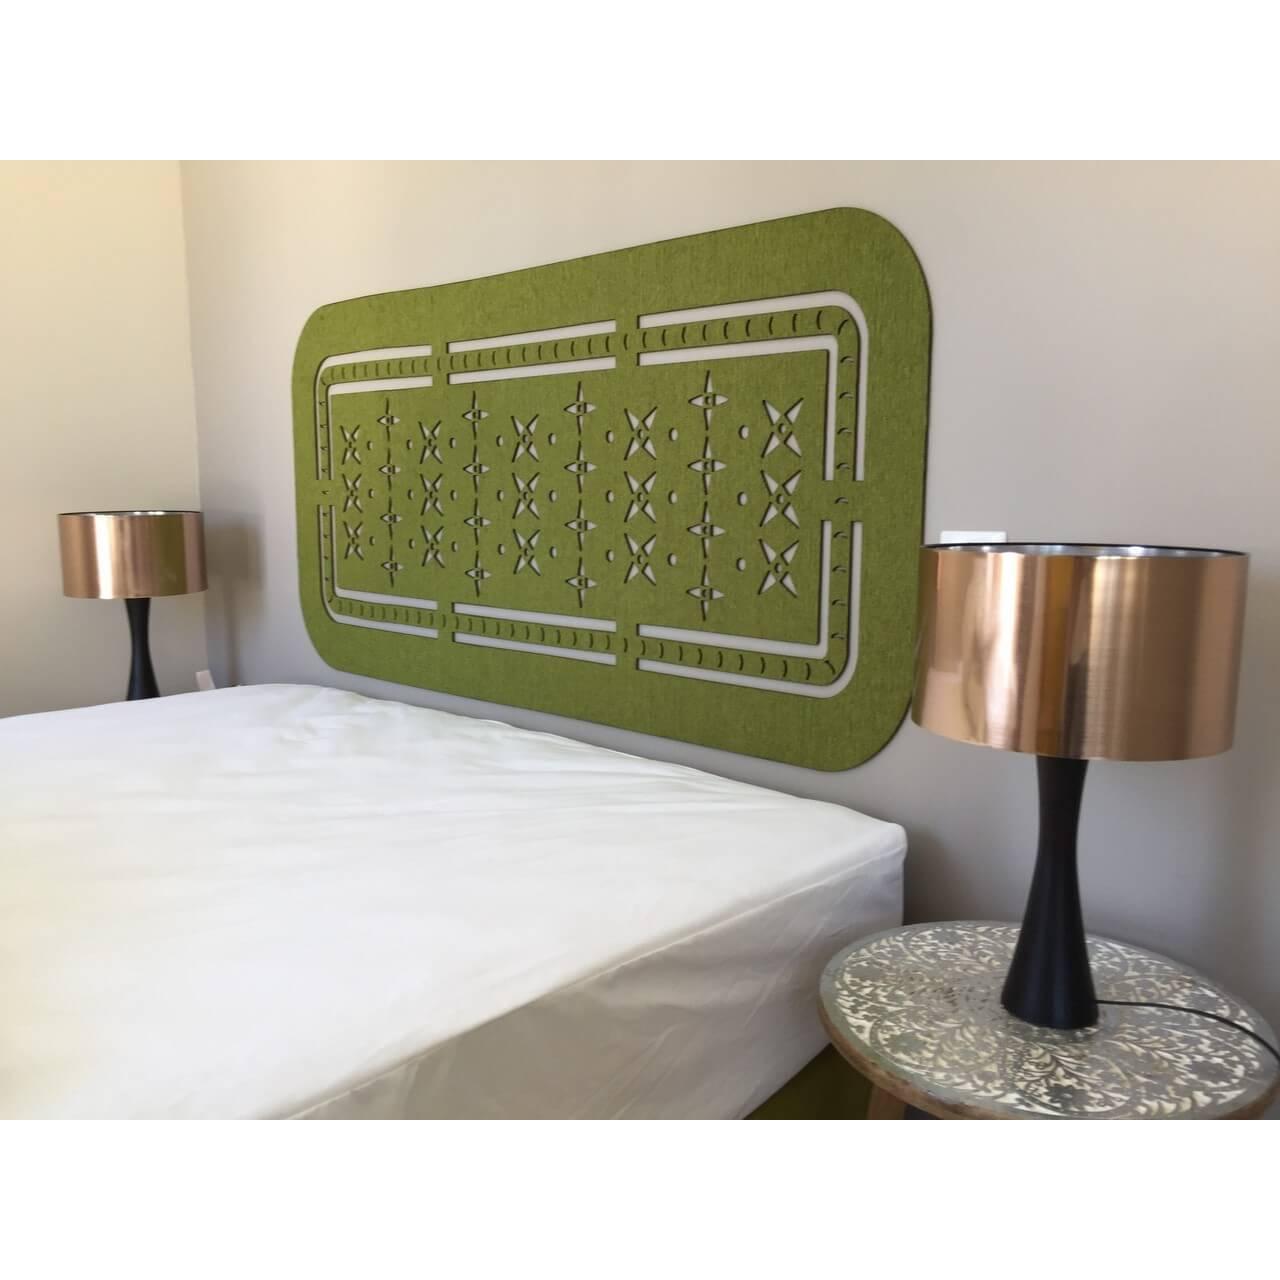 Proyecto personalizado para profesionales del sector hostelería